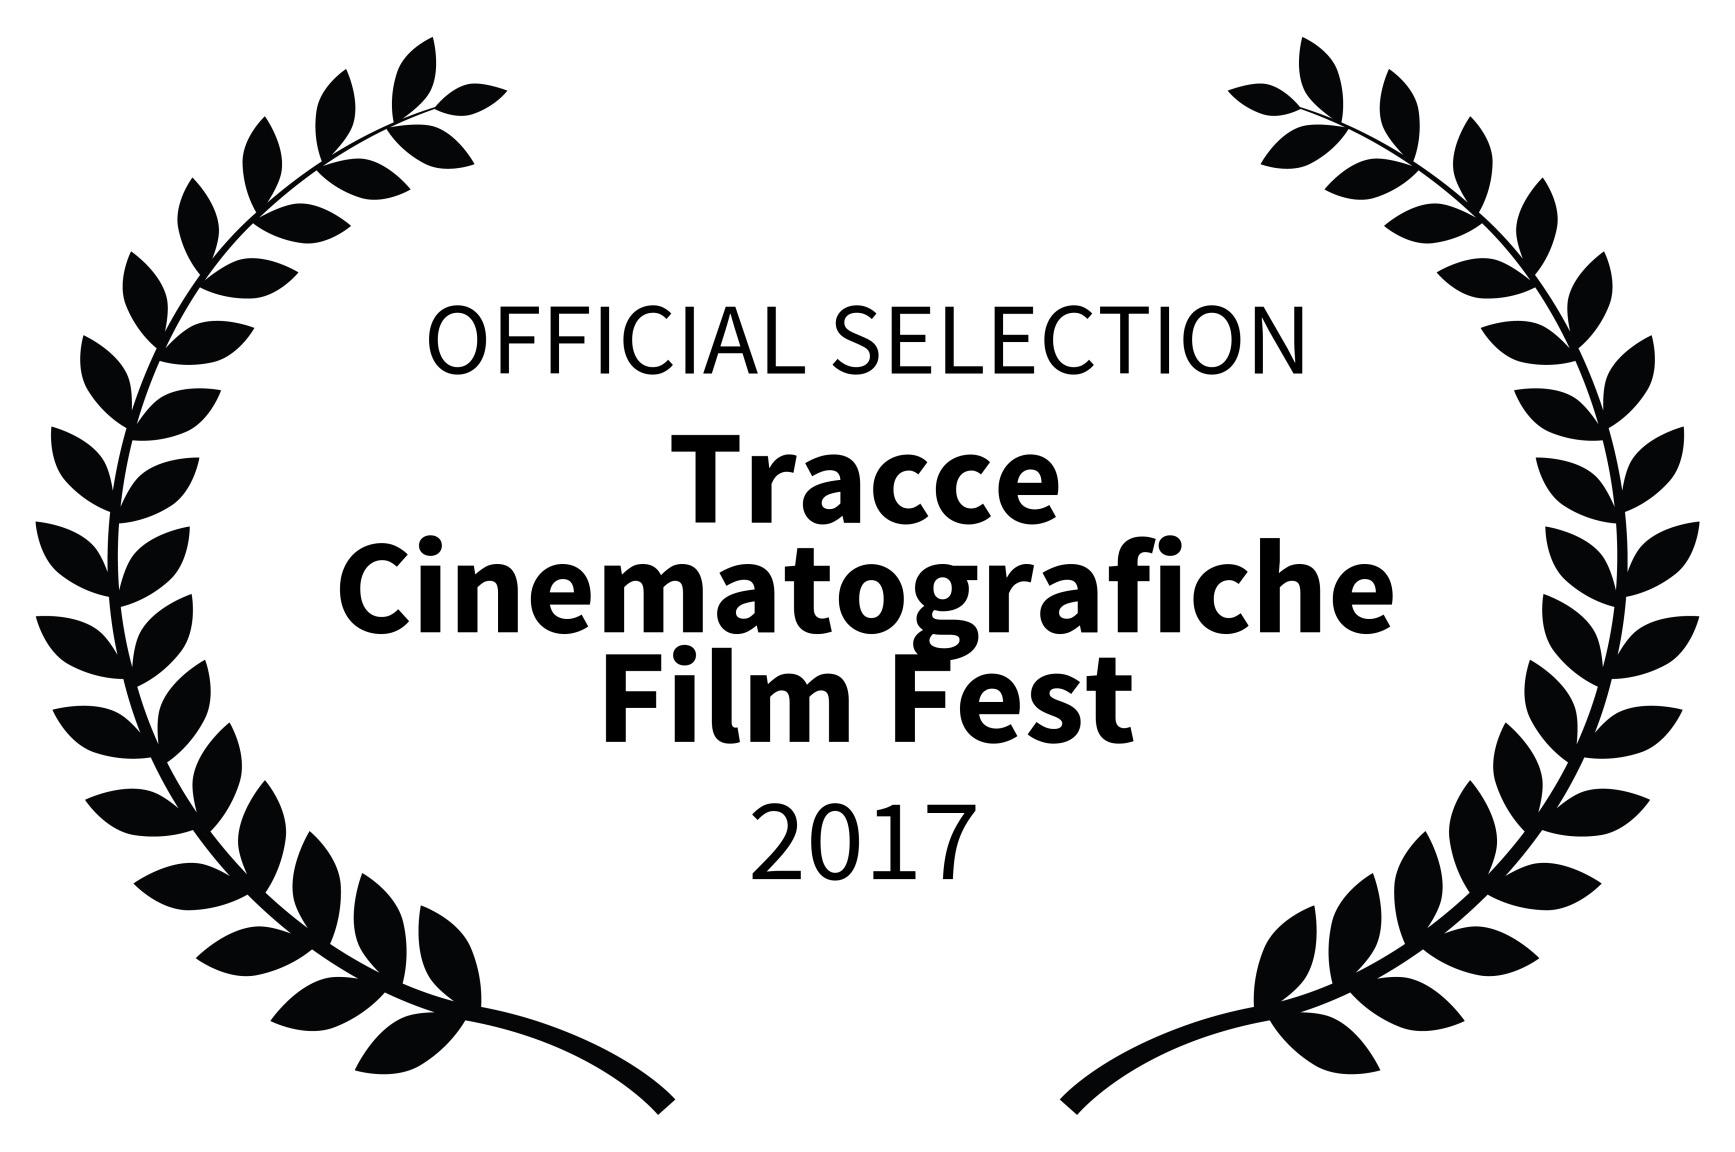 OFFICIAL-SELECTION-Tracce-Cinematografiche-Film-Fest-2017 OFFICIAL SELECTION - Tracce Cinematografiche Film Fest (Rome)